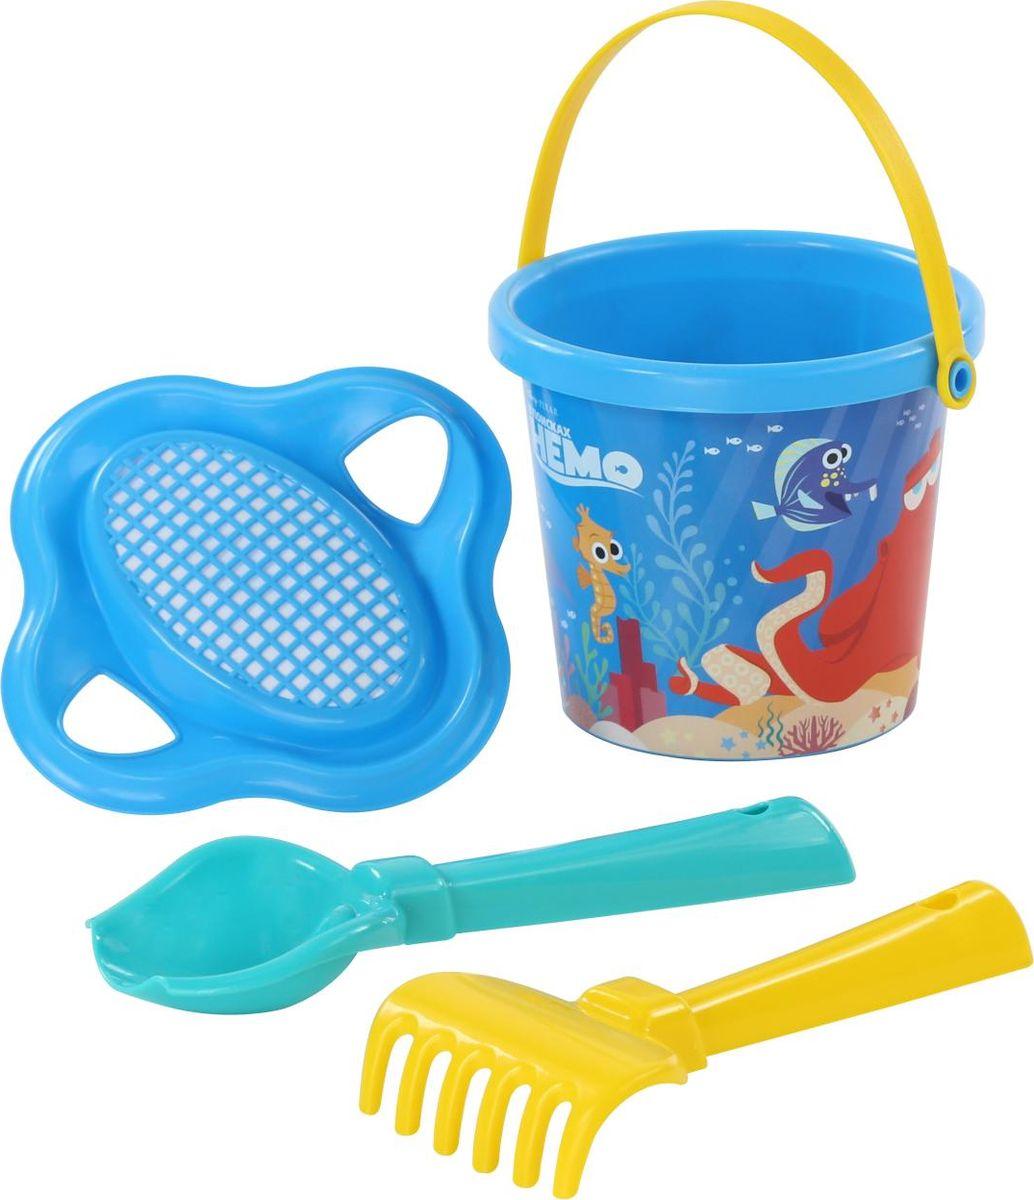 Disney / Pixar Набор игрушек для песочницы В поисках Немо №2 умка disney в поисках немо приключения в океане